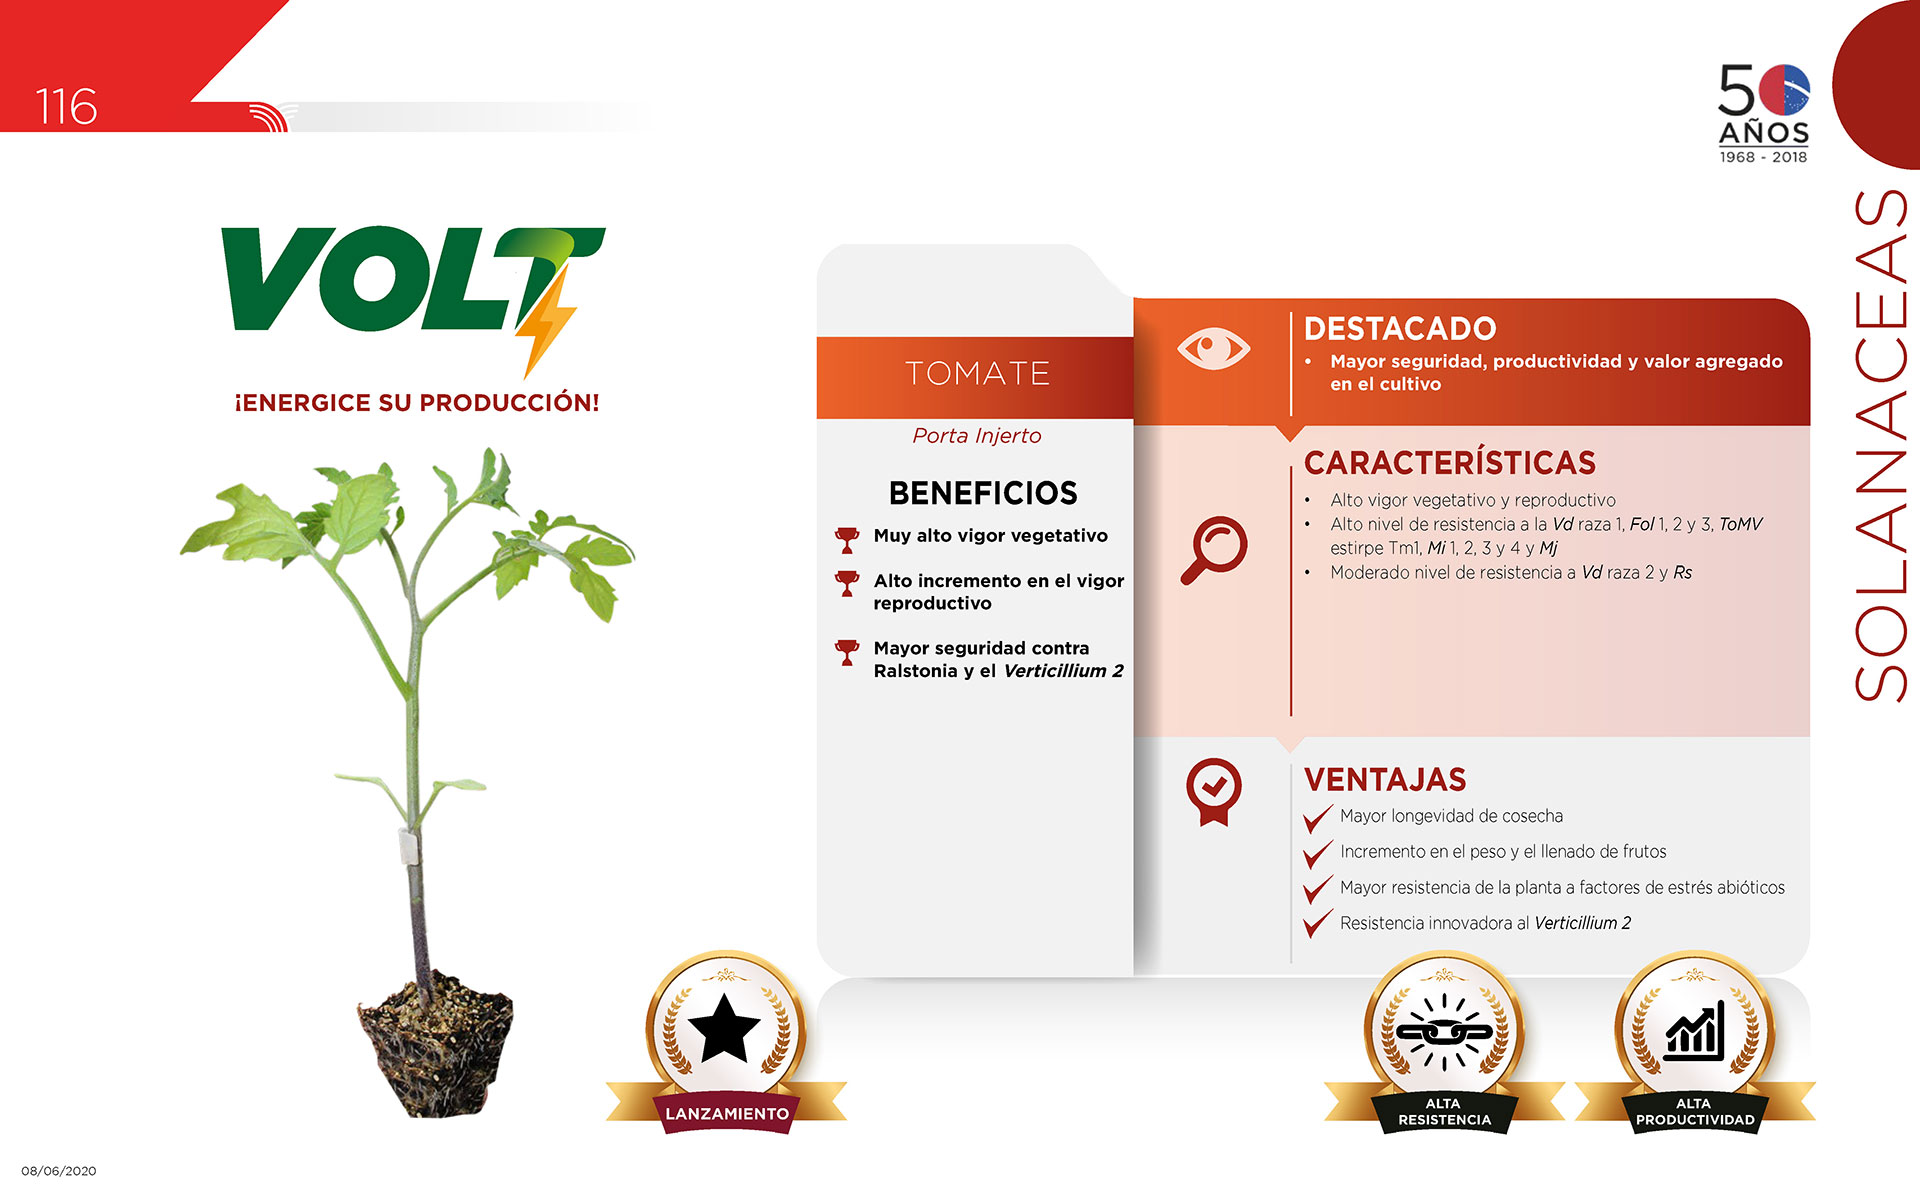 Volt - Solanaceas